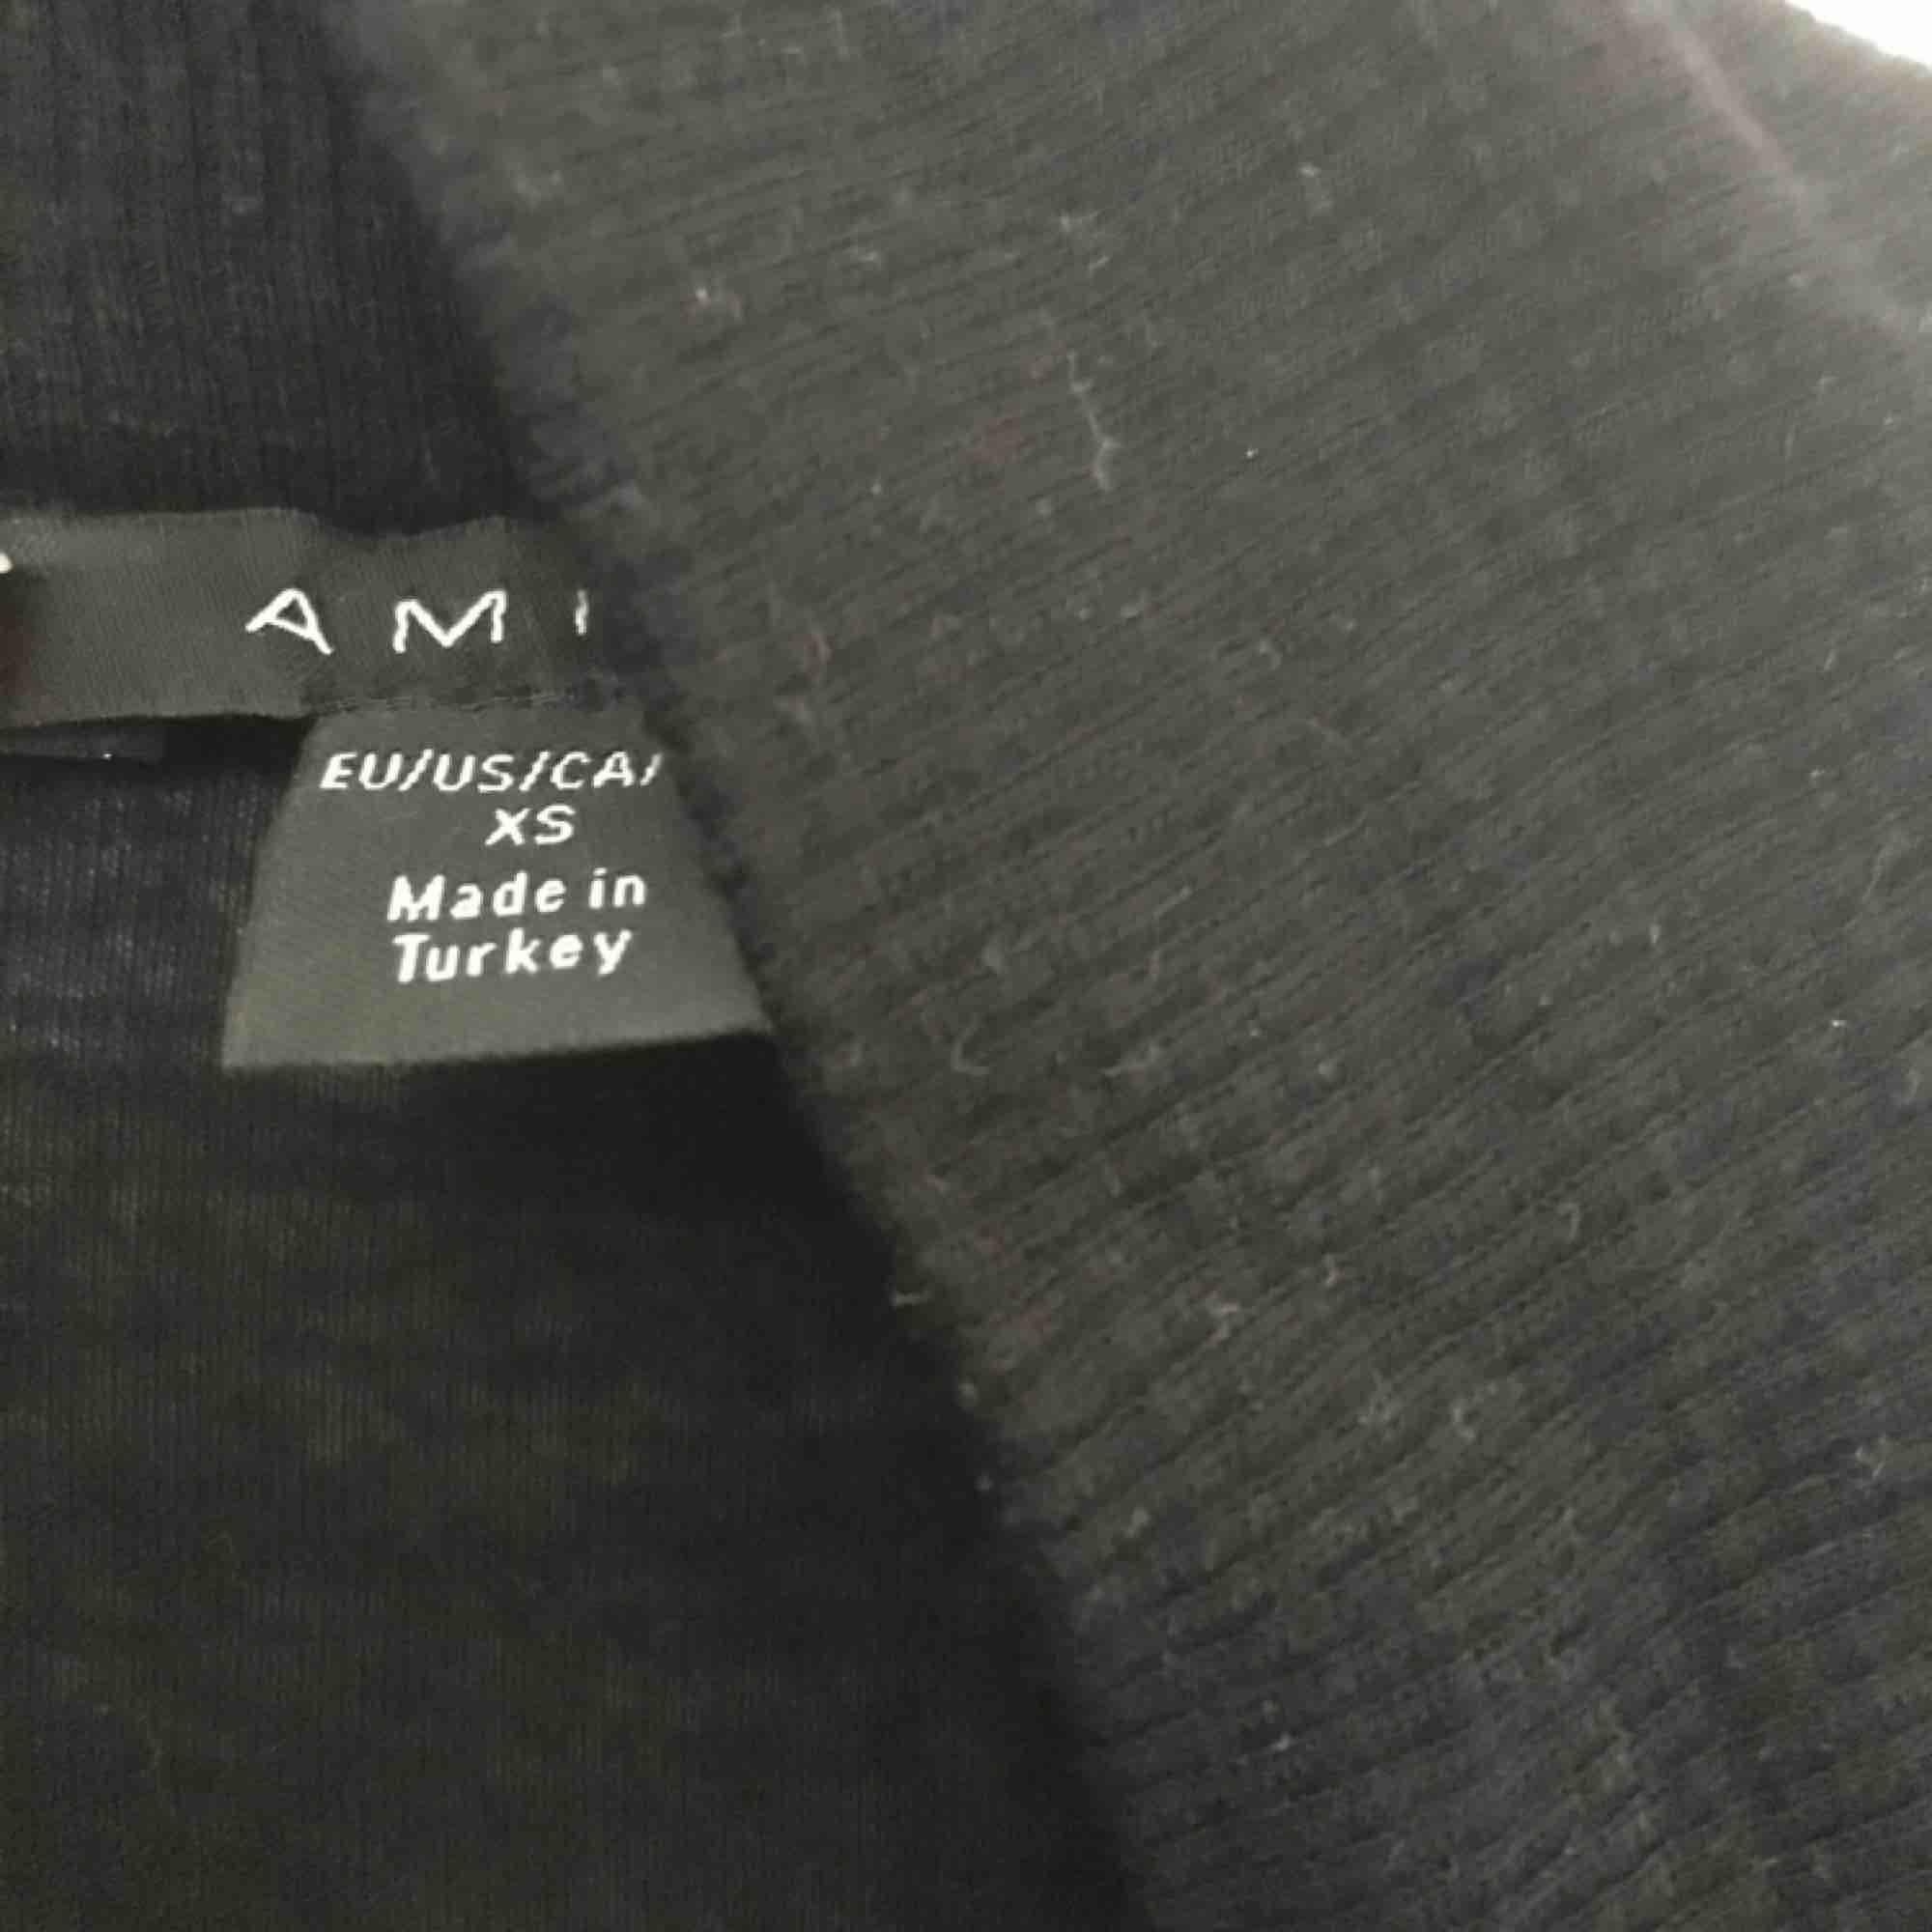 Tunn skön svart kofta, lite längre armar som går lite över handen. Väldigt mjukt material och passar perfekt till vardags med ett par jeans och ett linne under. Skriv för intresse🤗. Tröjor & Koftor.